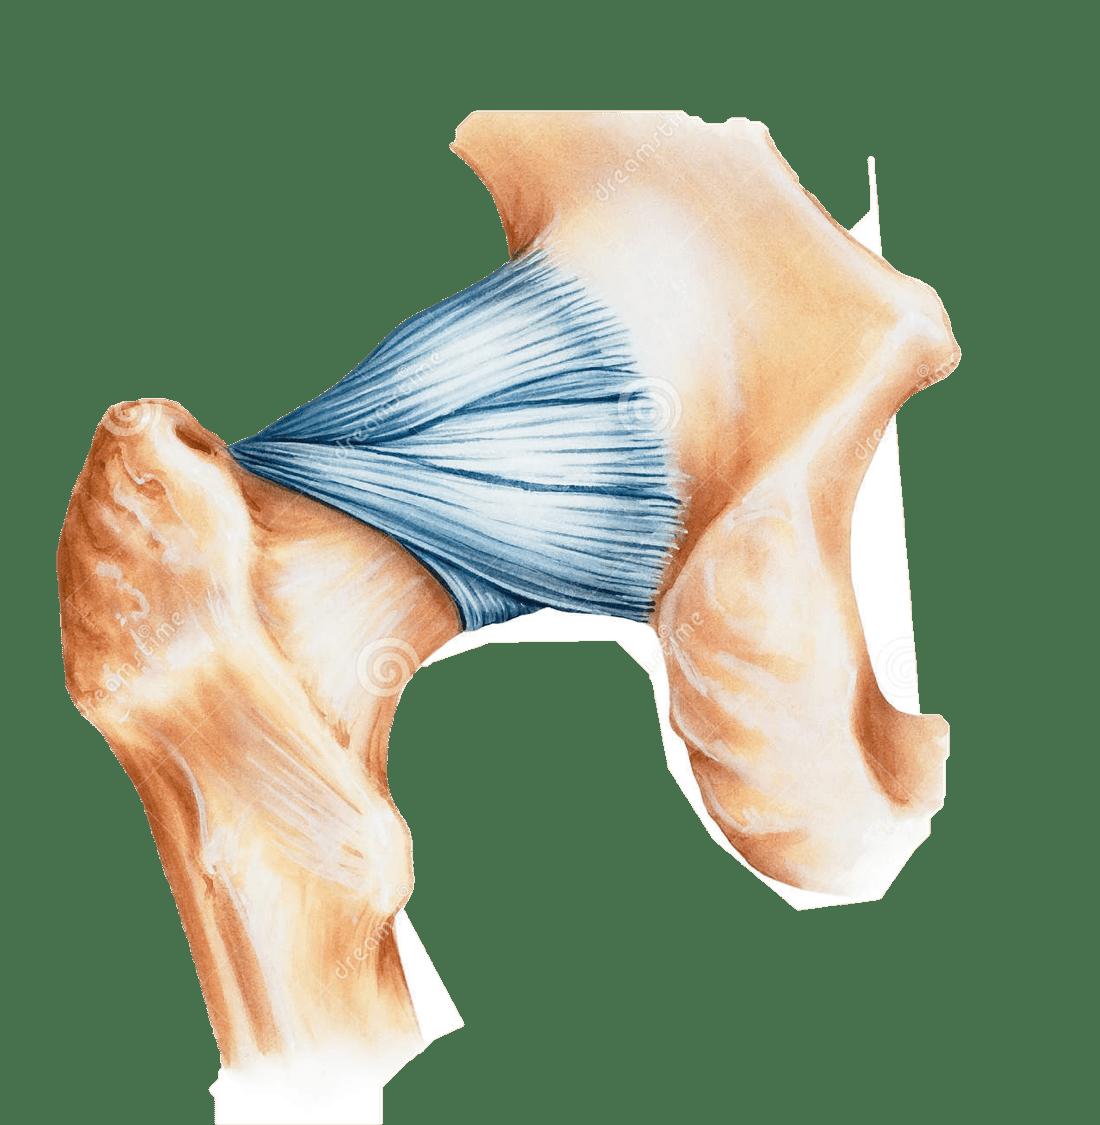 cápsula articular de cadera